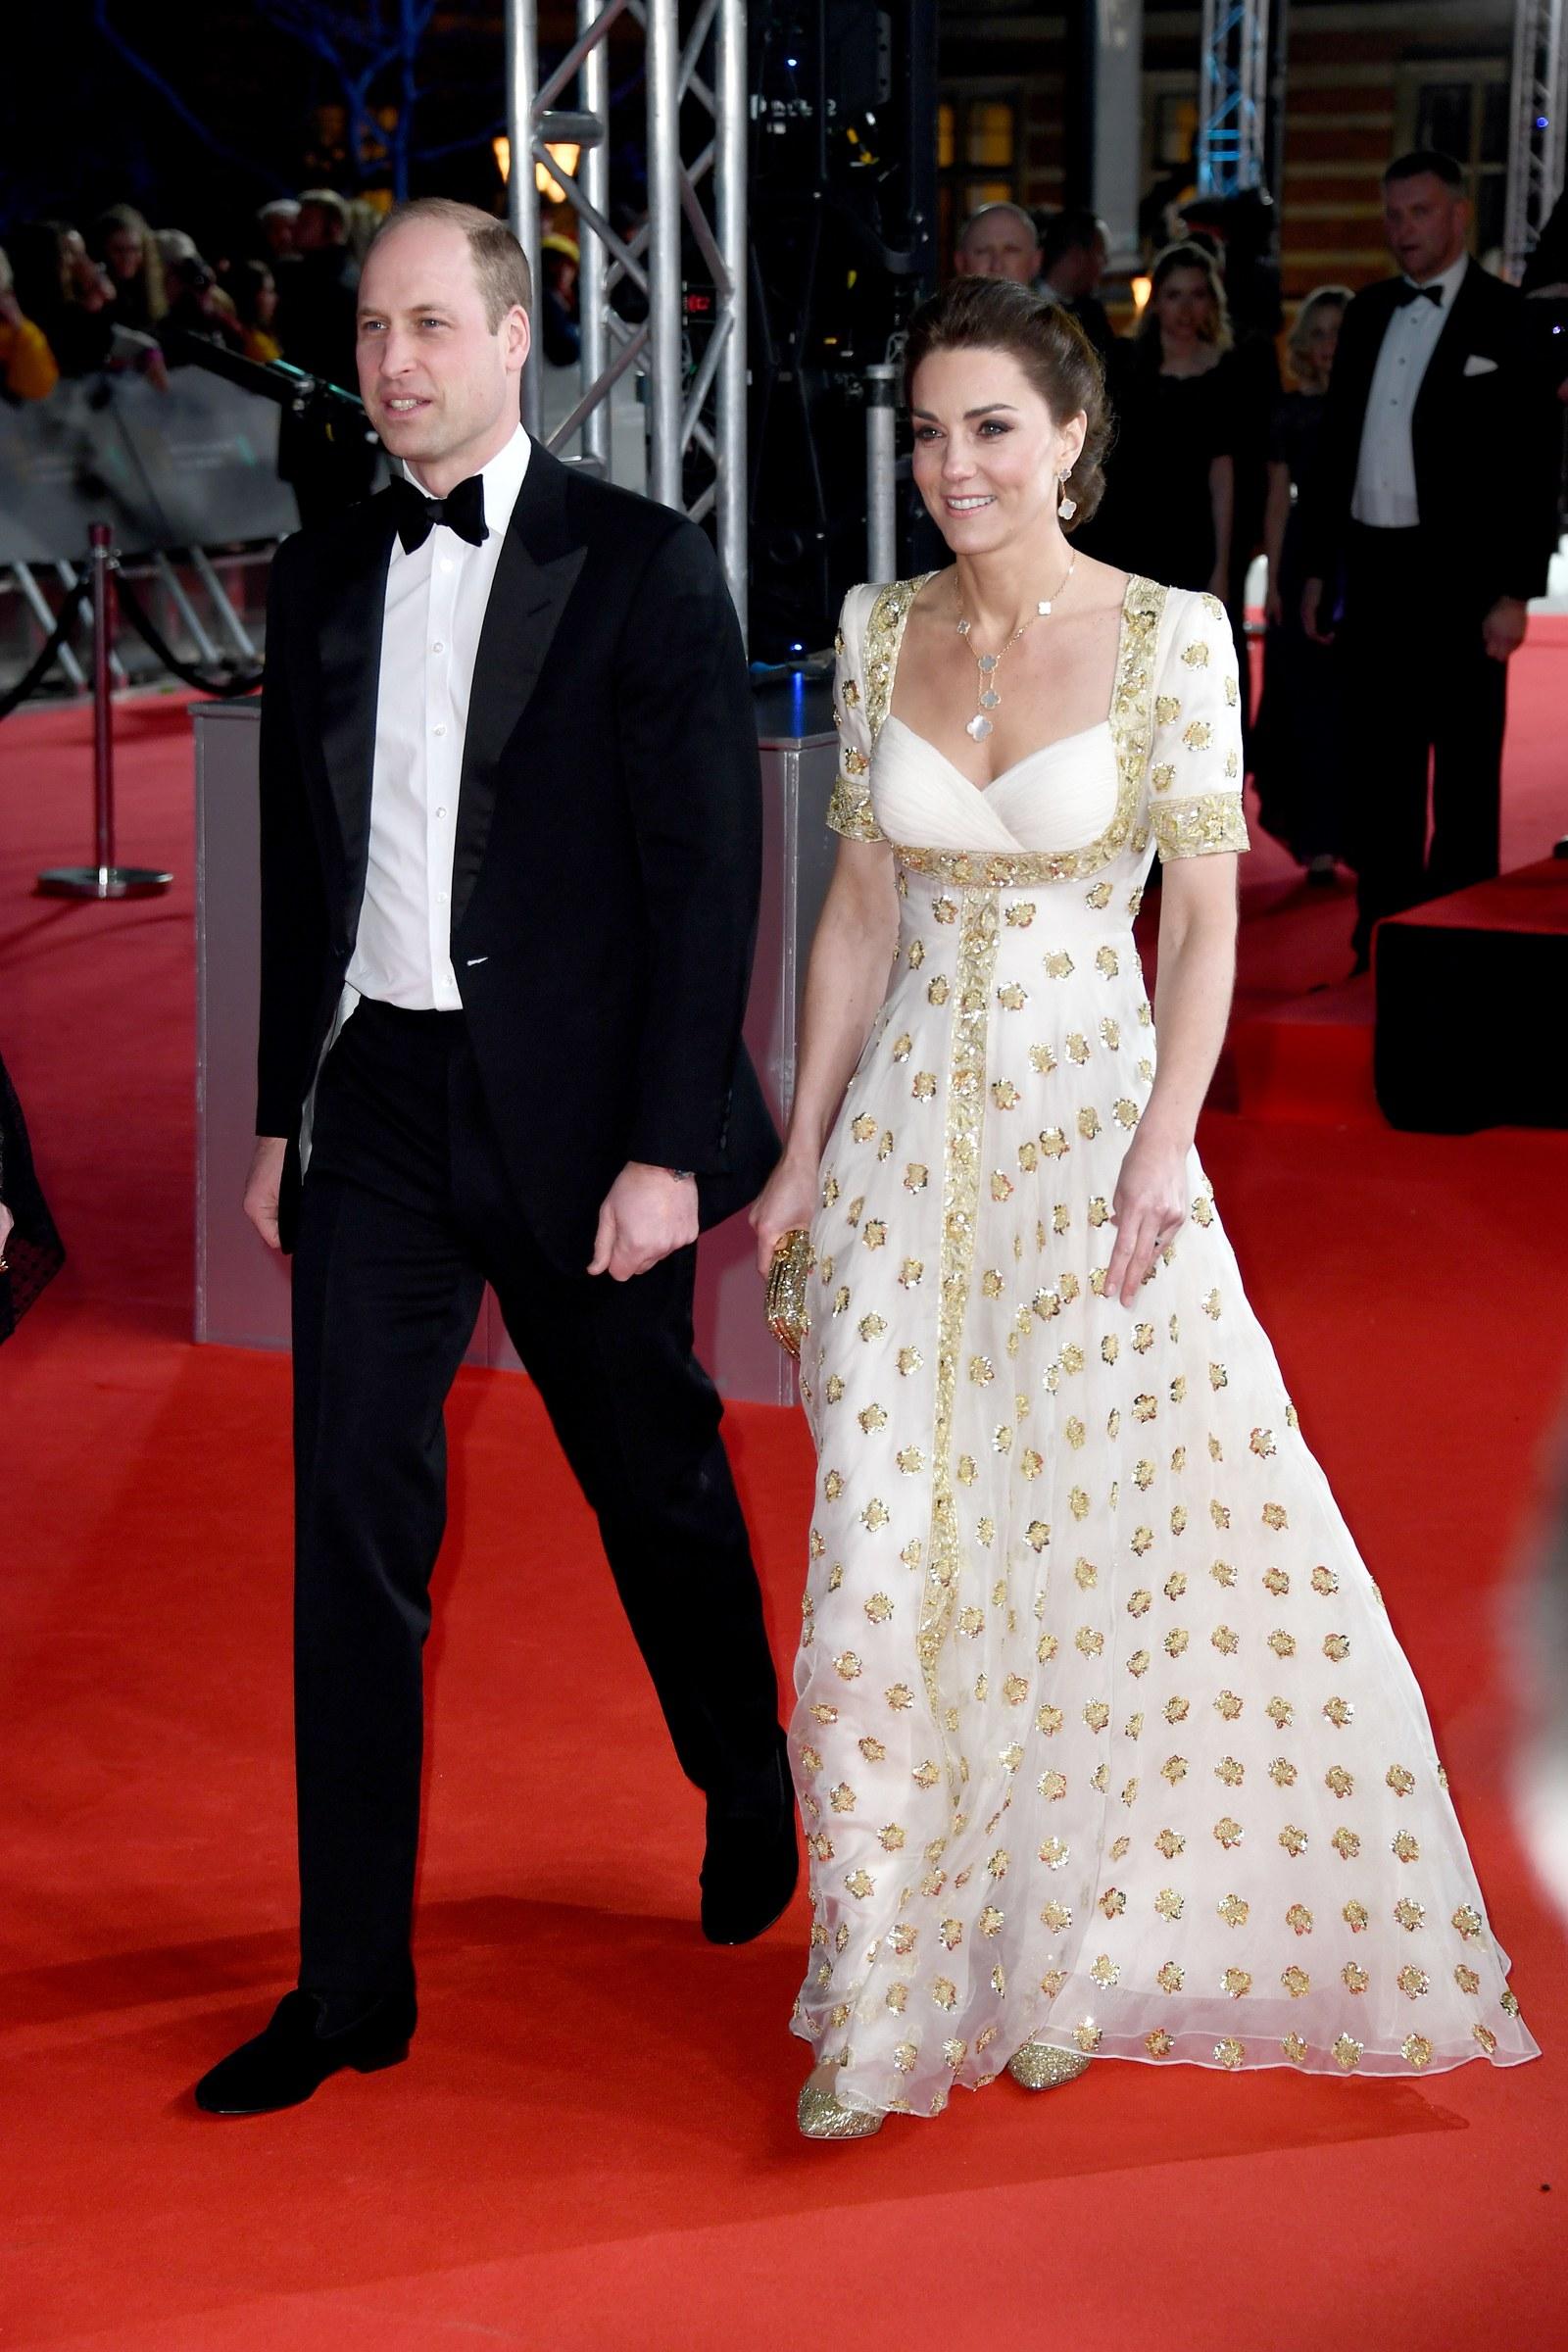 Công nương Kate Middleton trong thiết kế Alexander McQueen tại thảm đỏ BAFTA 2020